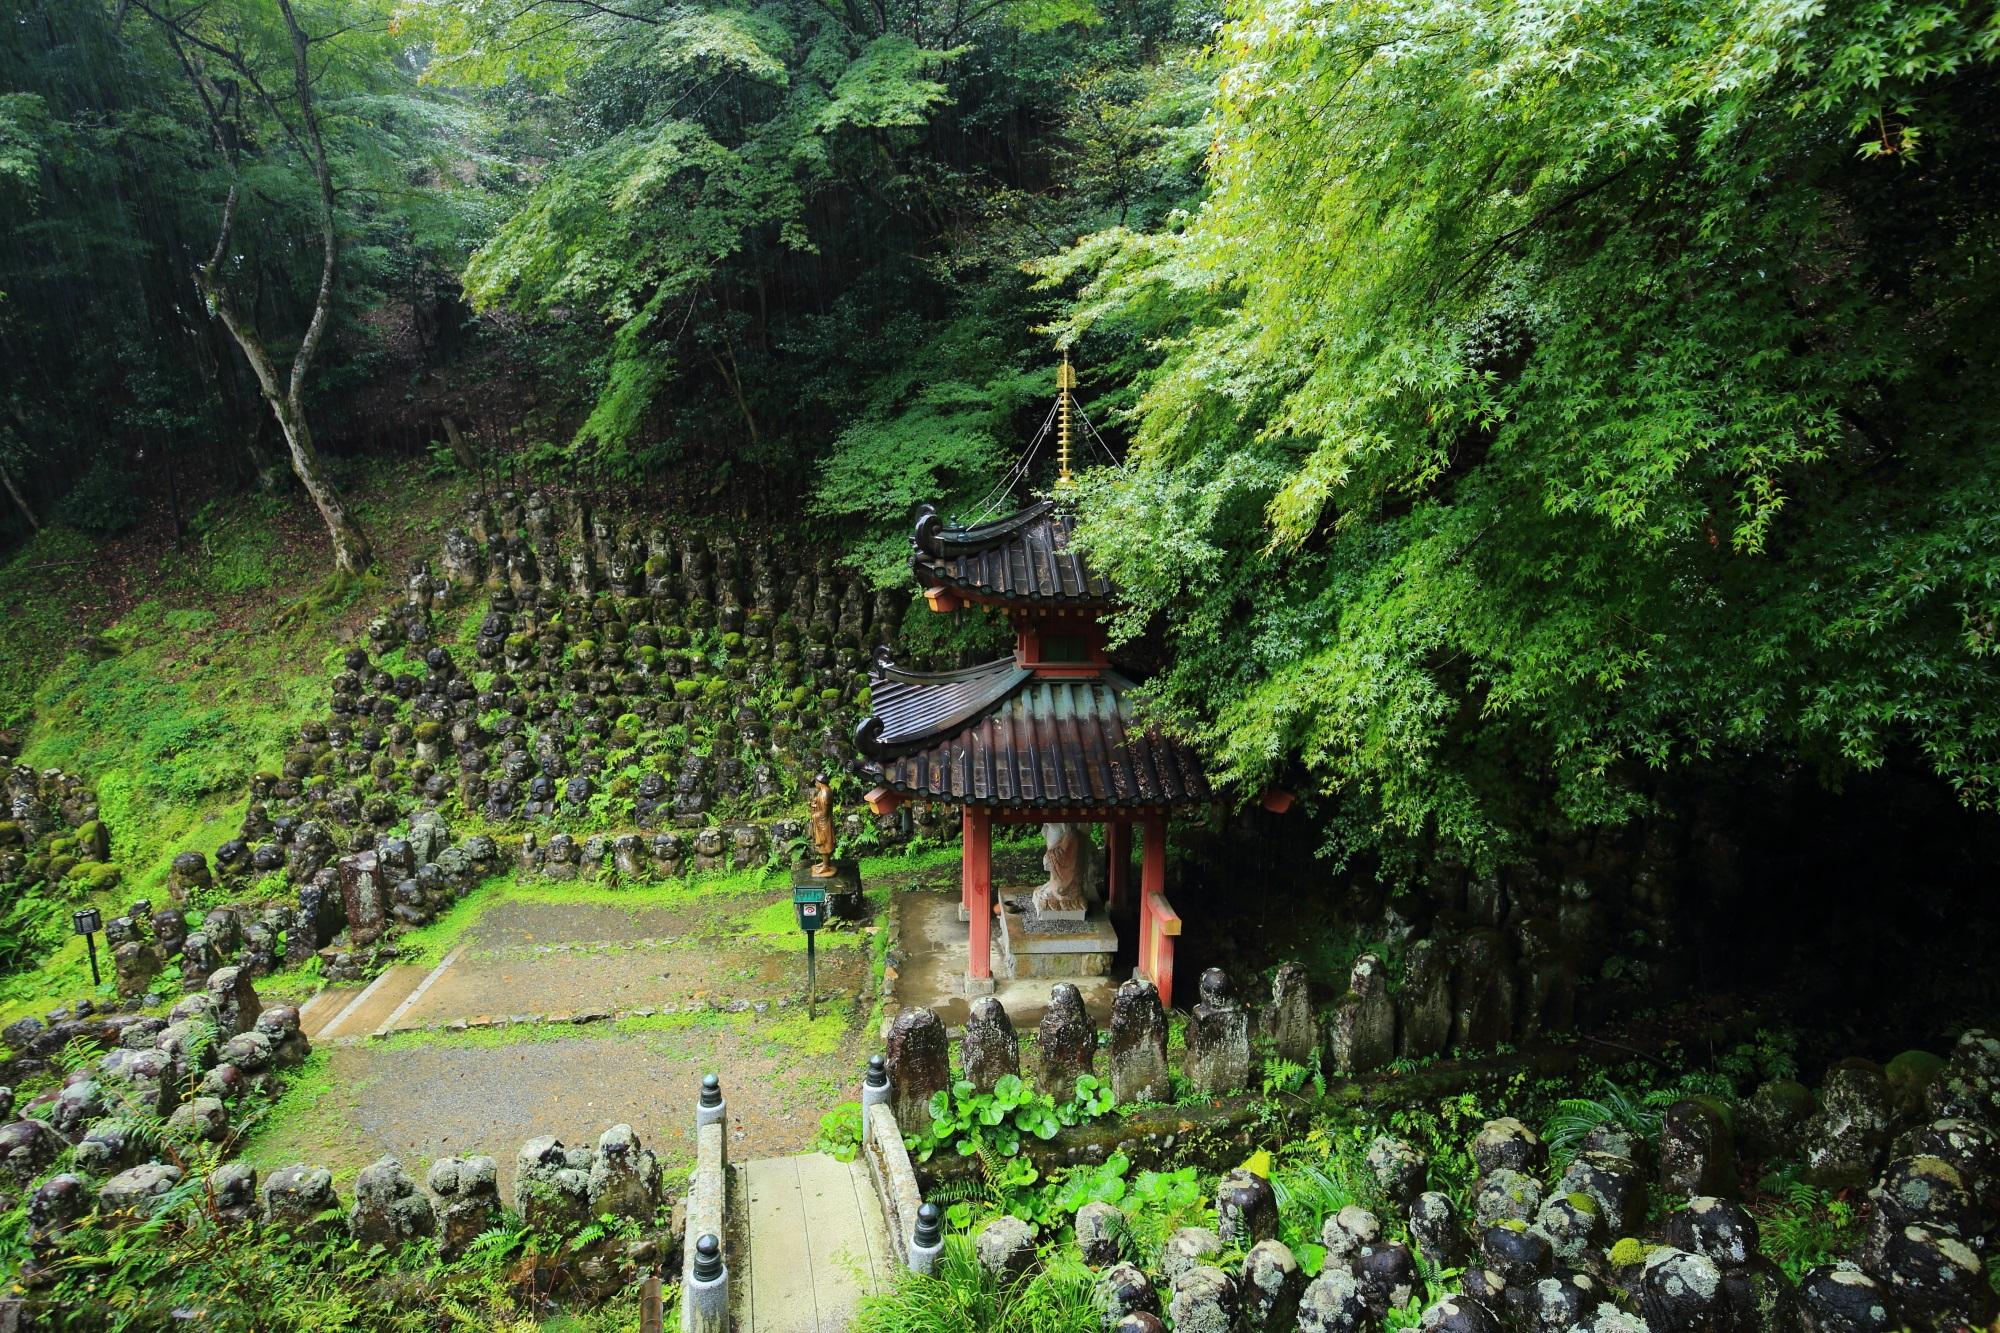 愛宕念仏寺の多宝塔と青もみじと千二百羅漢